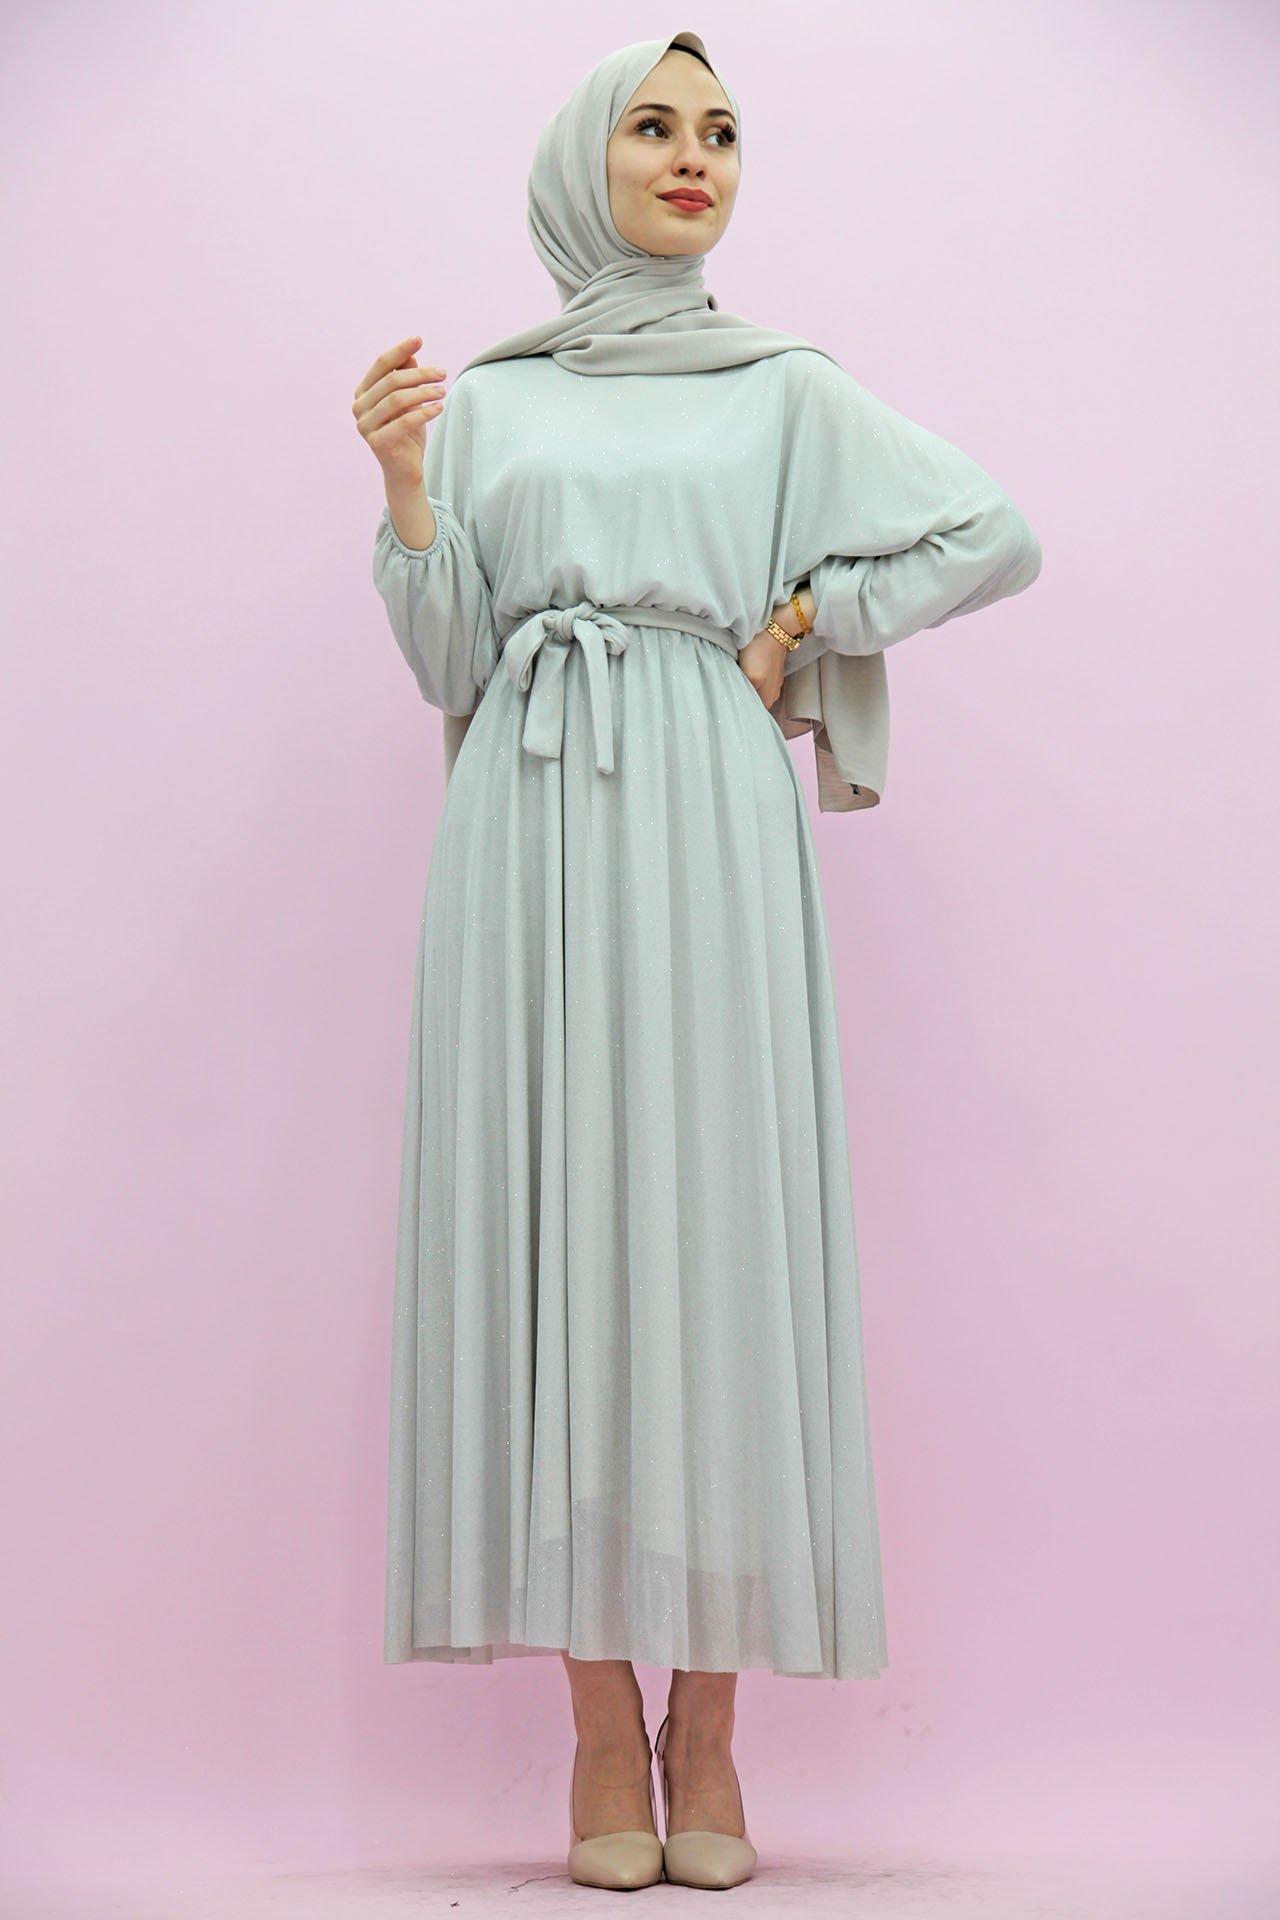 GİZAGİYİM - Simli Şifon Elbise Açık Gri